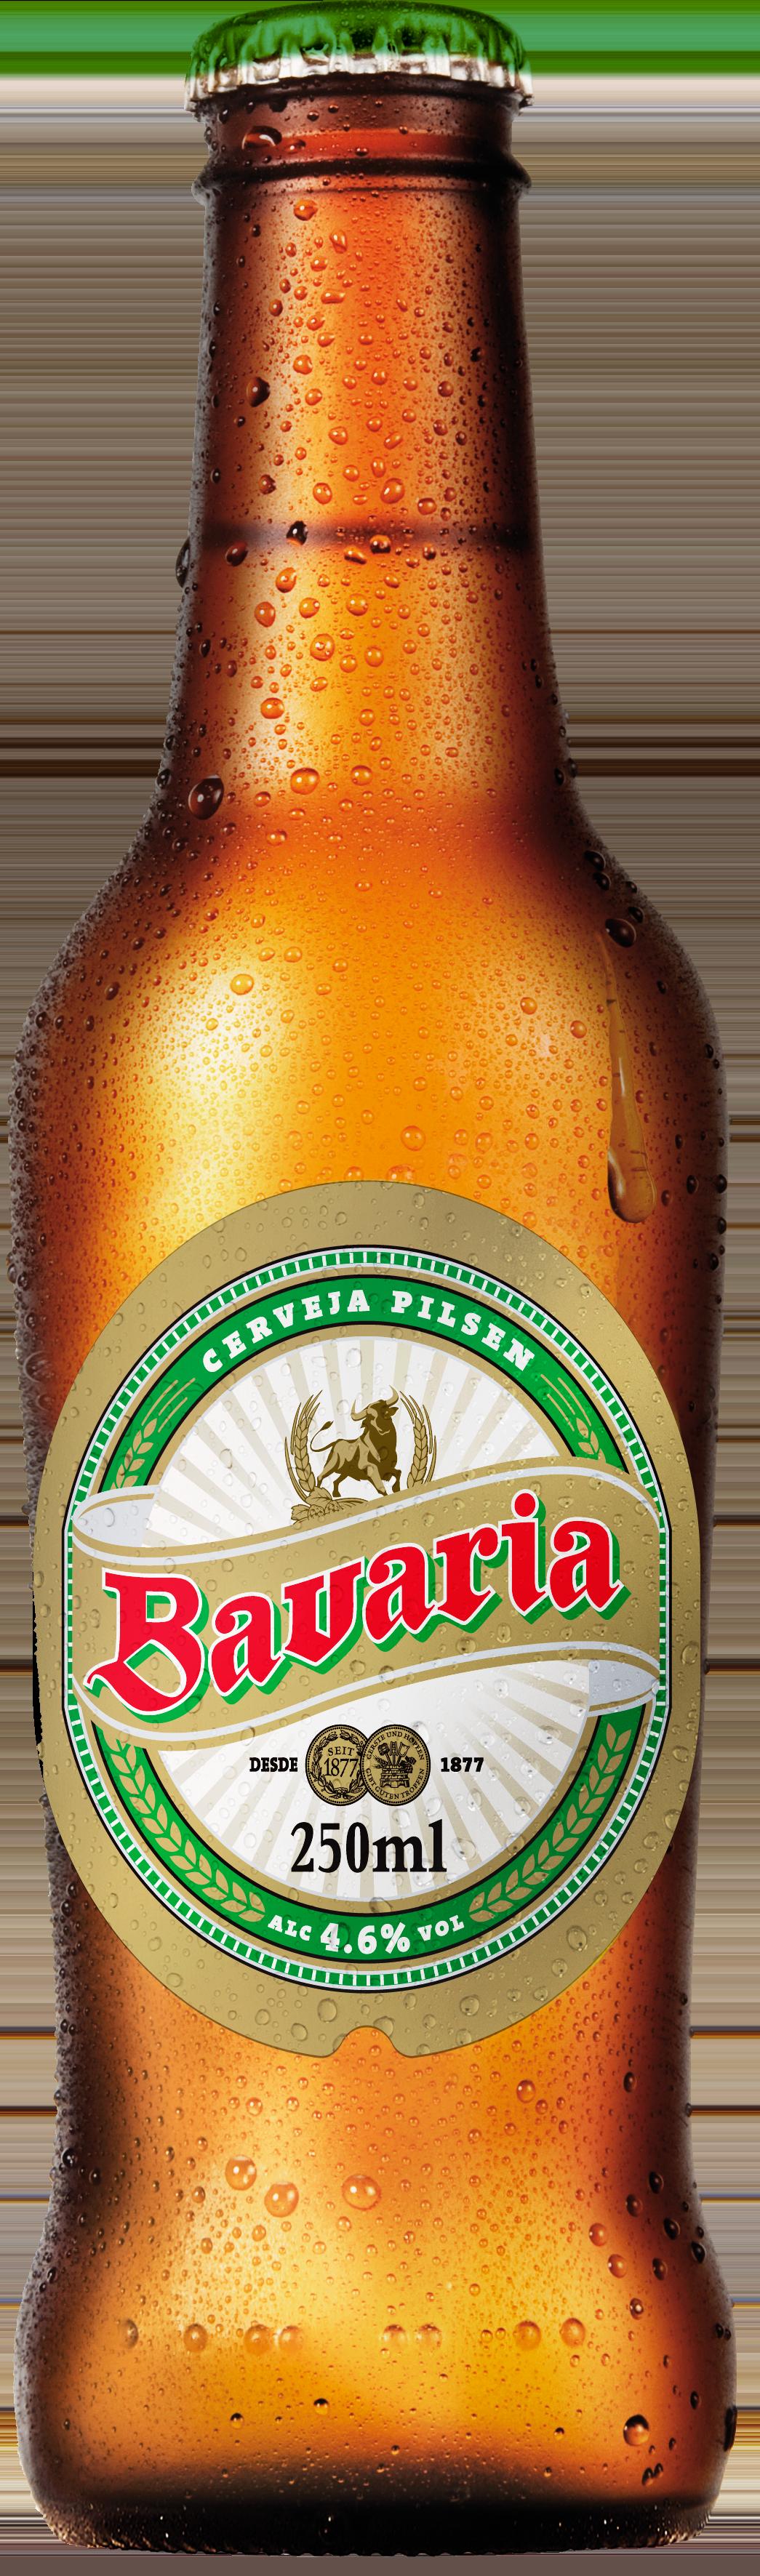 Bavaria-shot